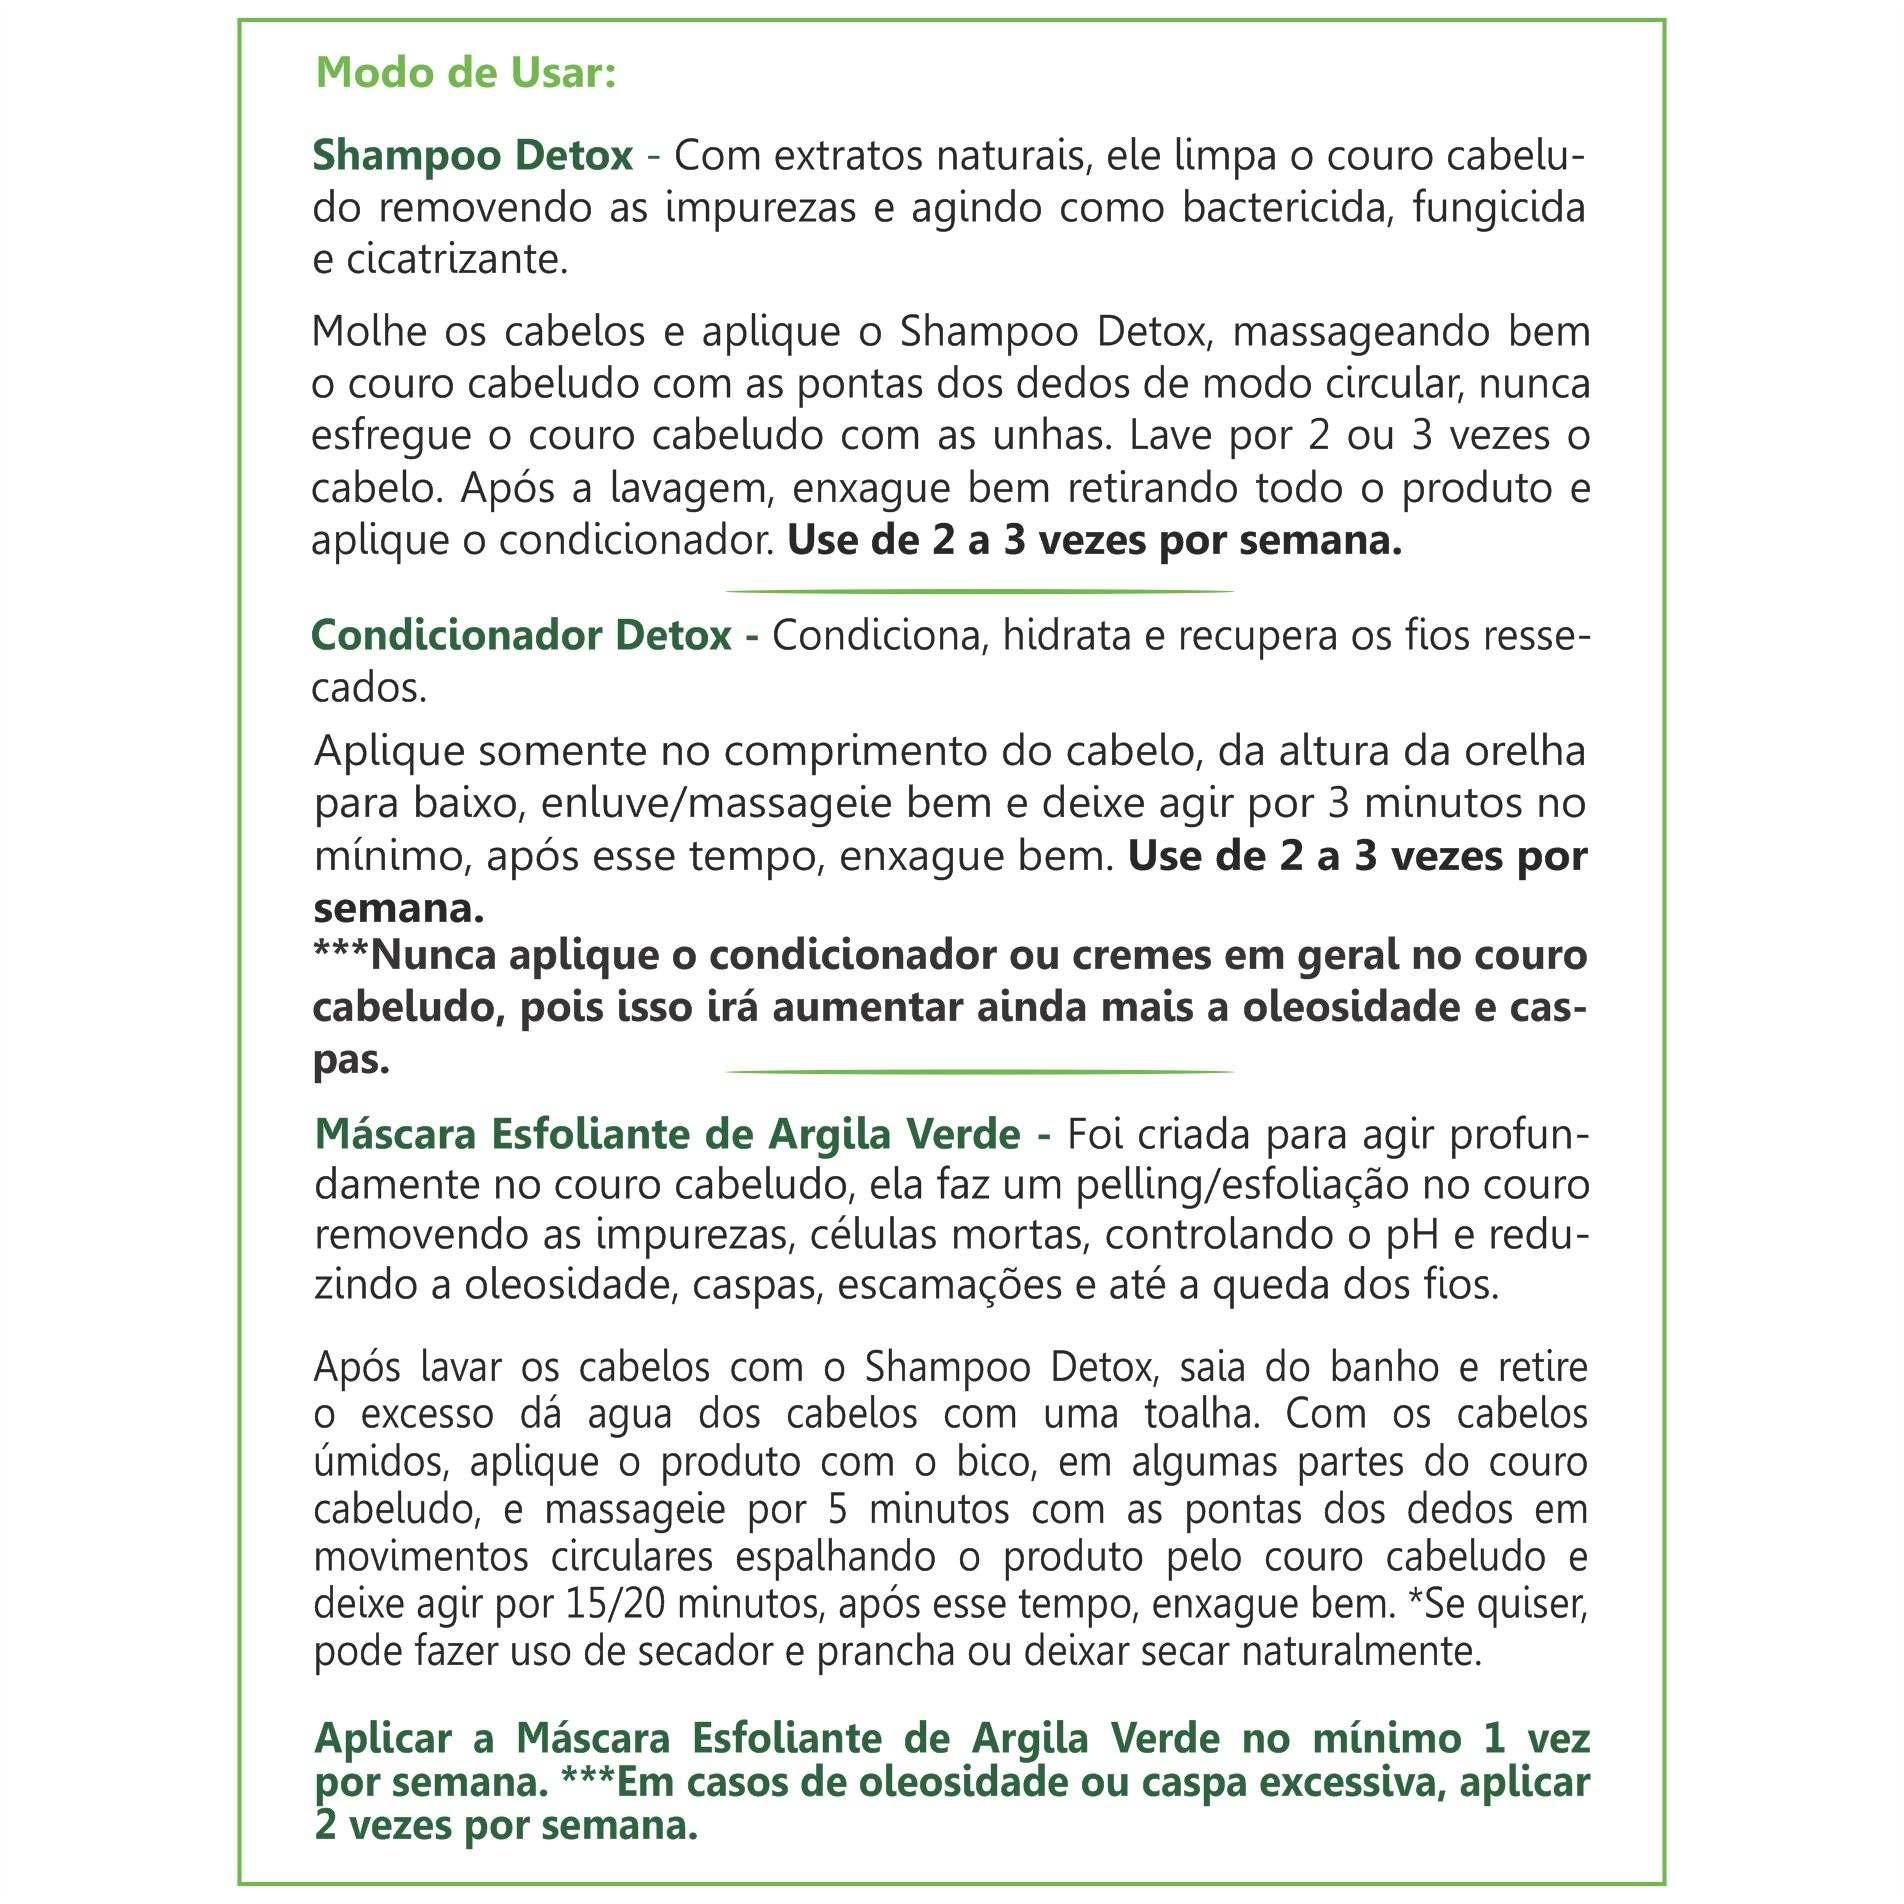 Kit Detox para Couro Cabeludo Oleoso, com Caspas e Escamações